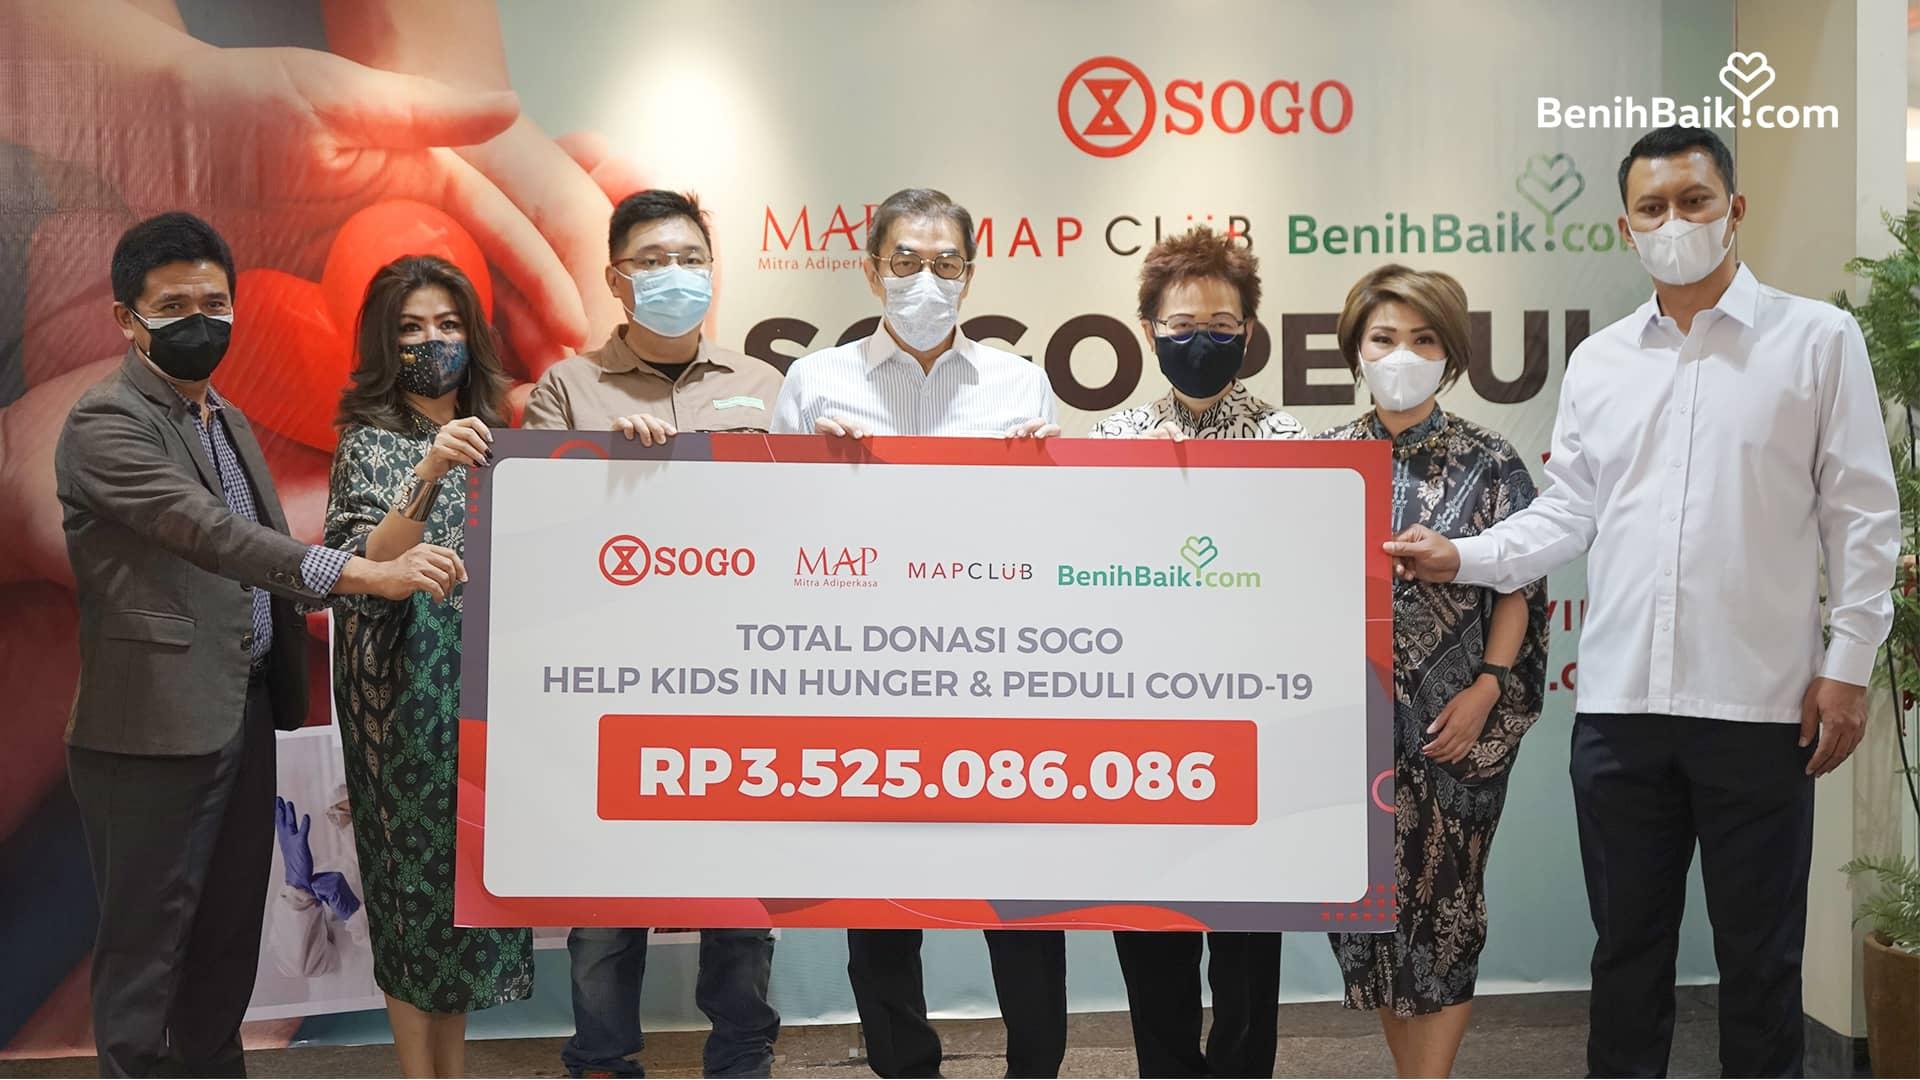 SOGO Berikan Donasi Lebih Dari Rp1,8 Miliar untuk Membantu Penanganan Covid-19